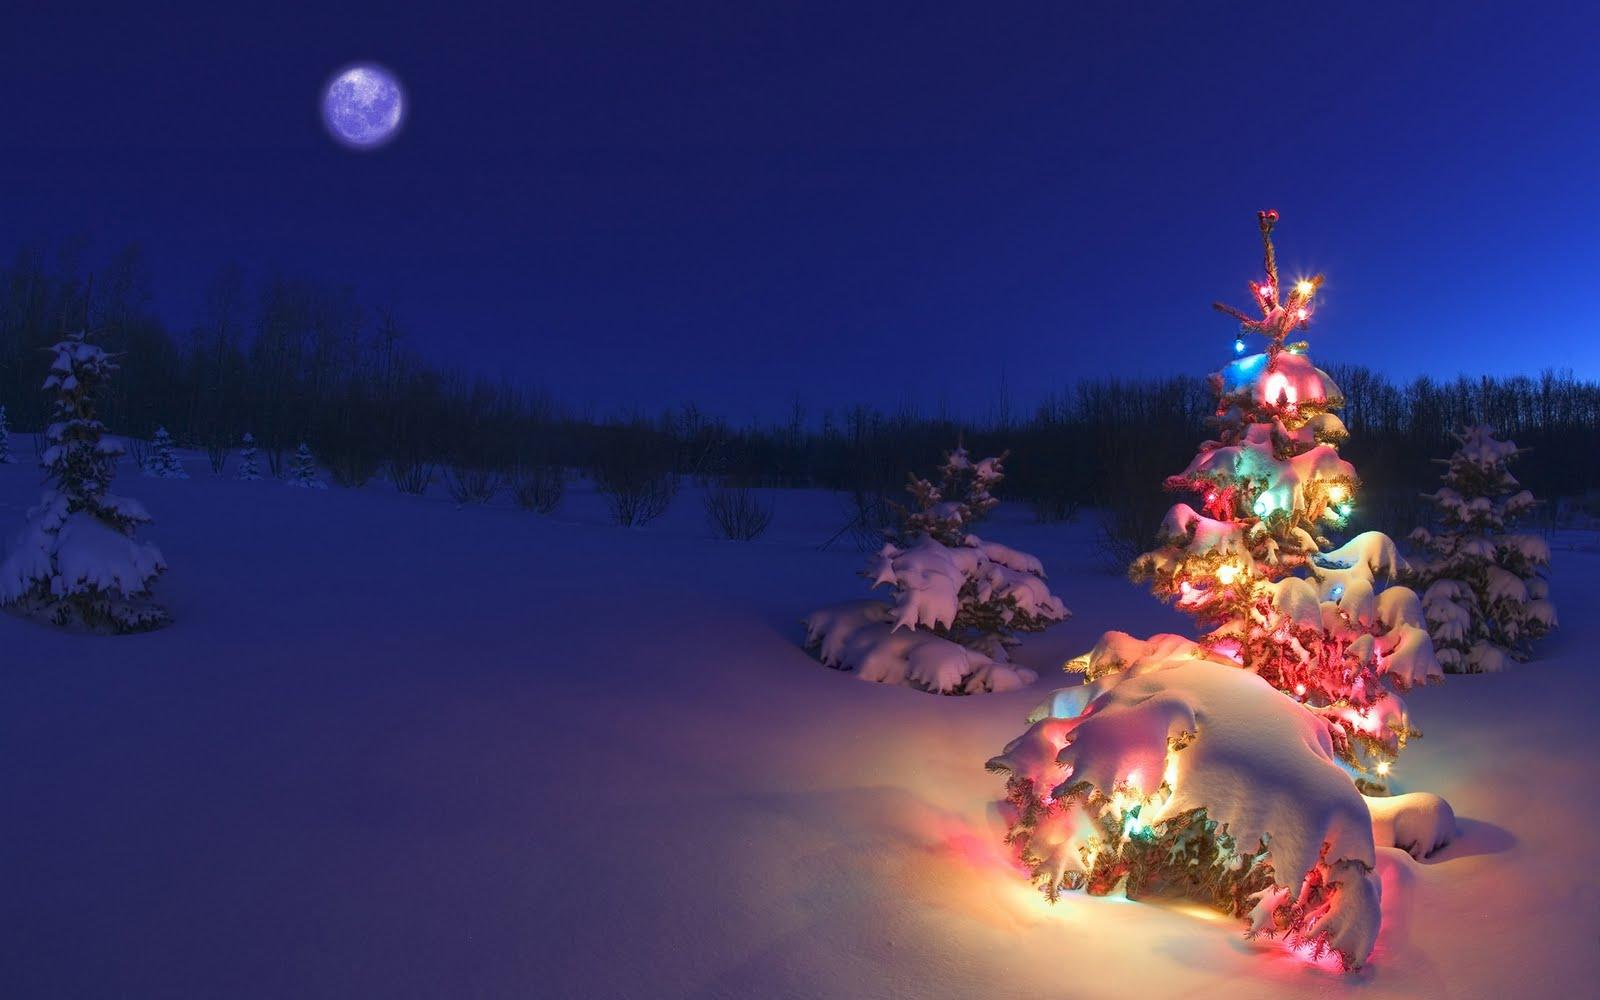 Imagenes De Navidad En Movimiento 3d